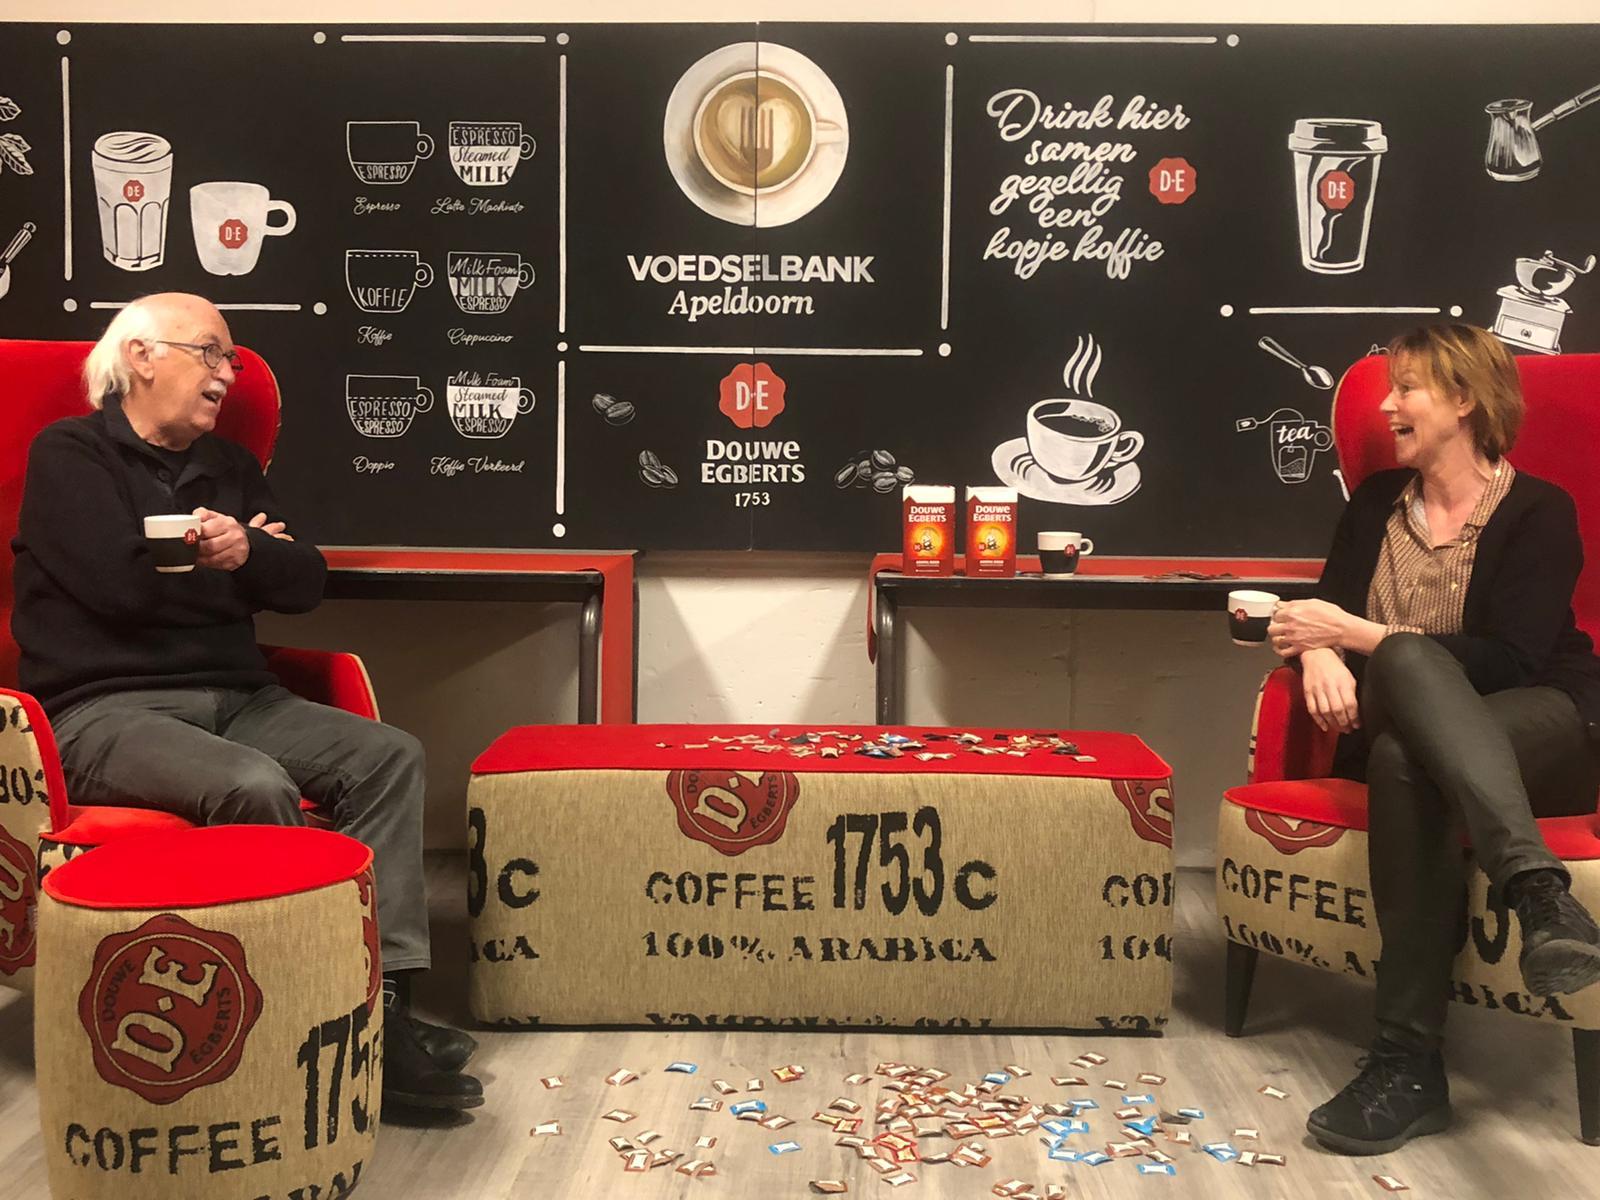 Actie met koffiepunten verlengd